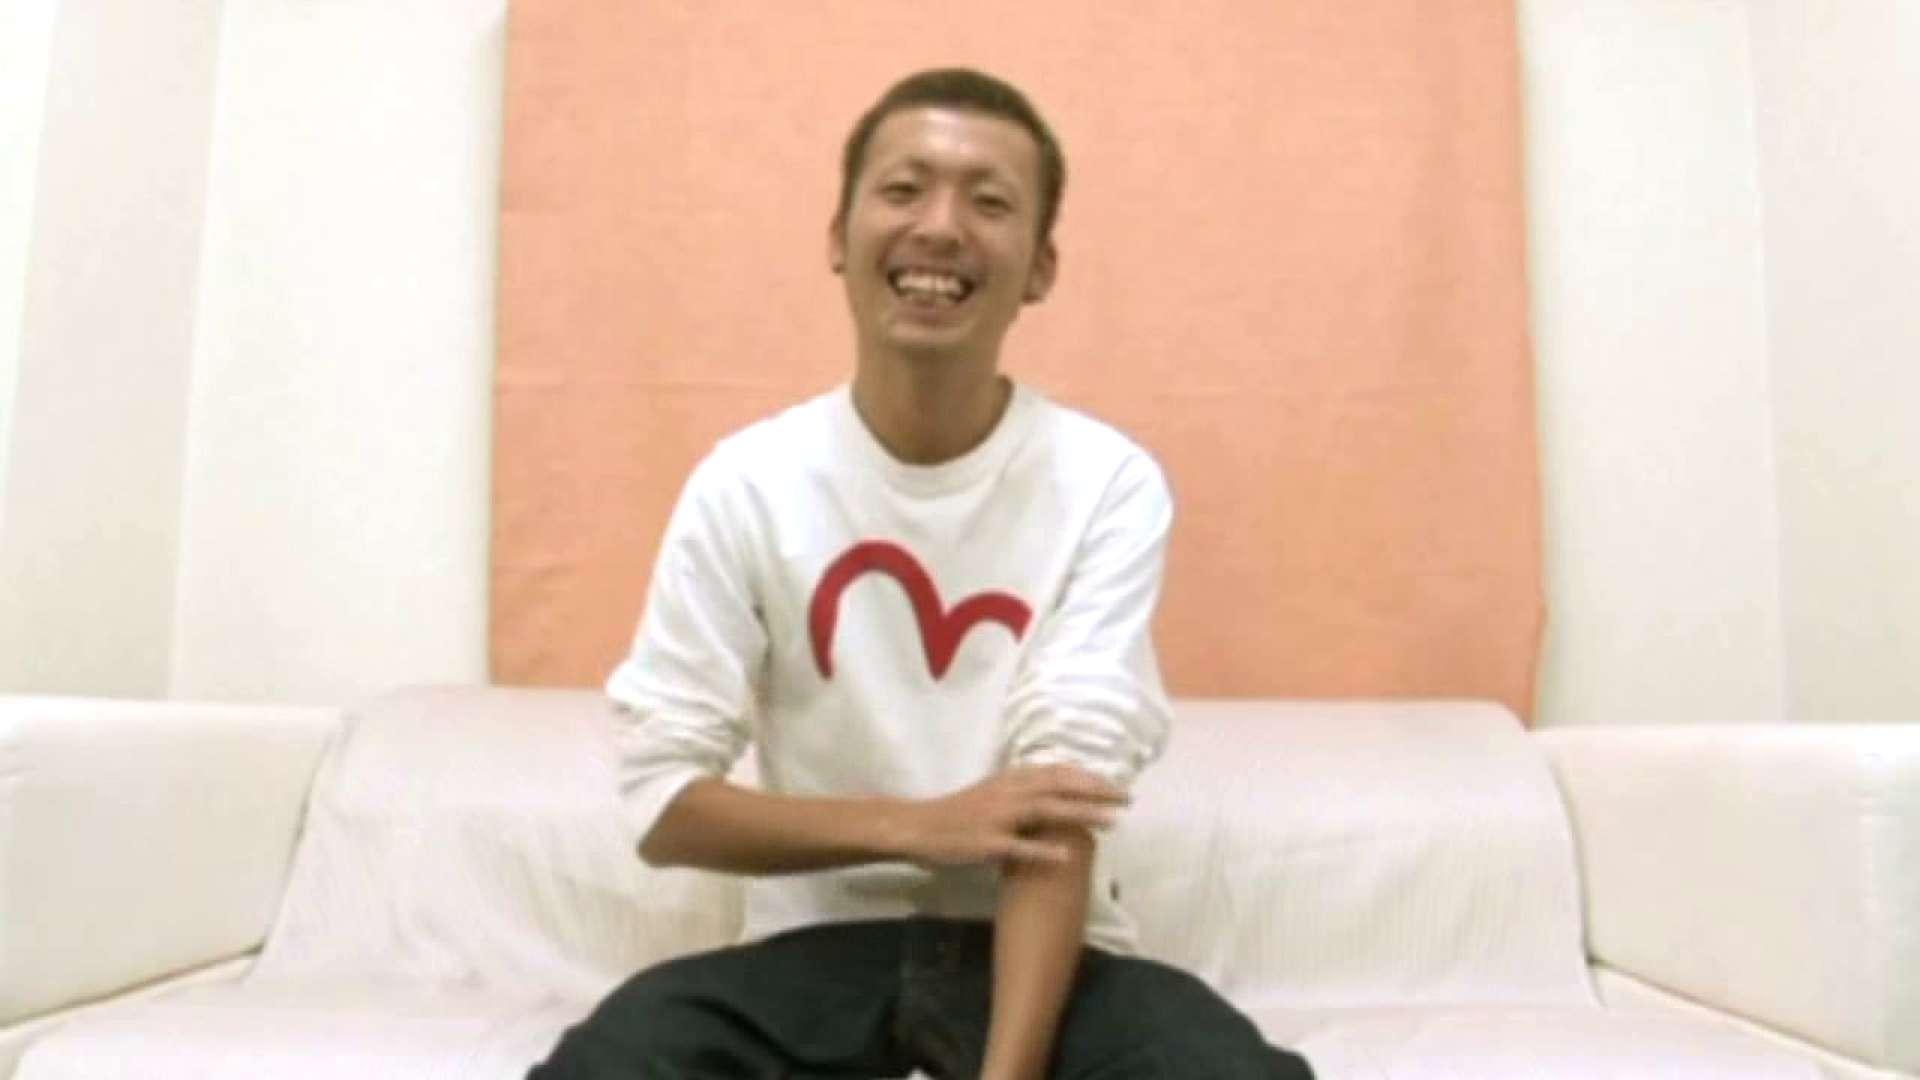 ノンケ!自慰スタジオ No.11 オナニー アダルトビデオ画像キャプチャ 110枚 1